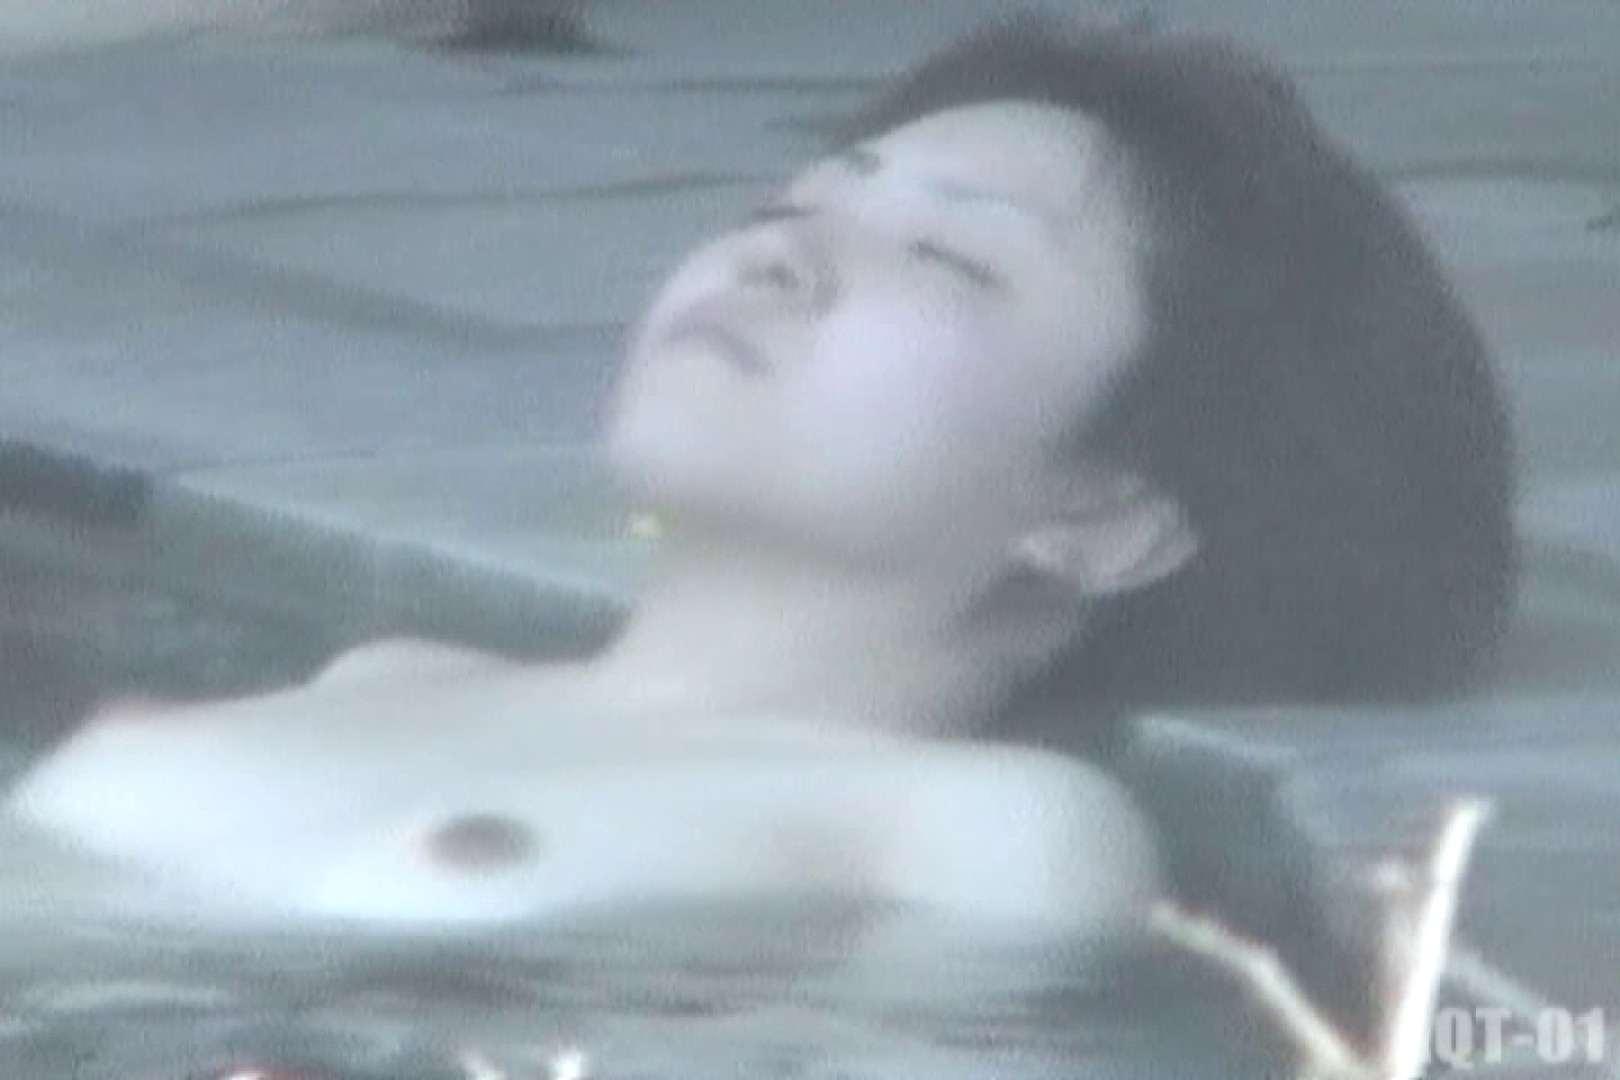 Aquaな露天風呂Vol.720 露天風呂 | 盗撮動画  10枚 3